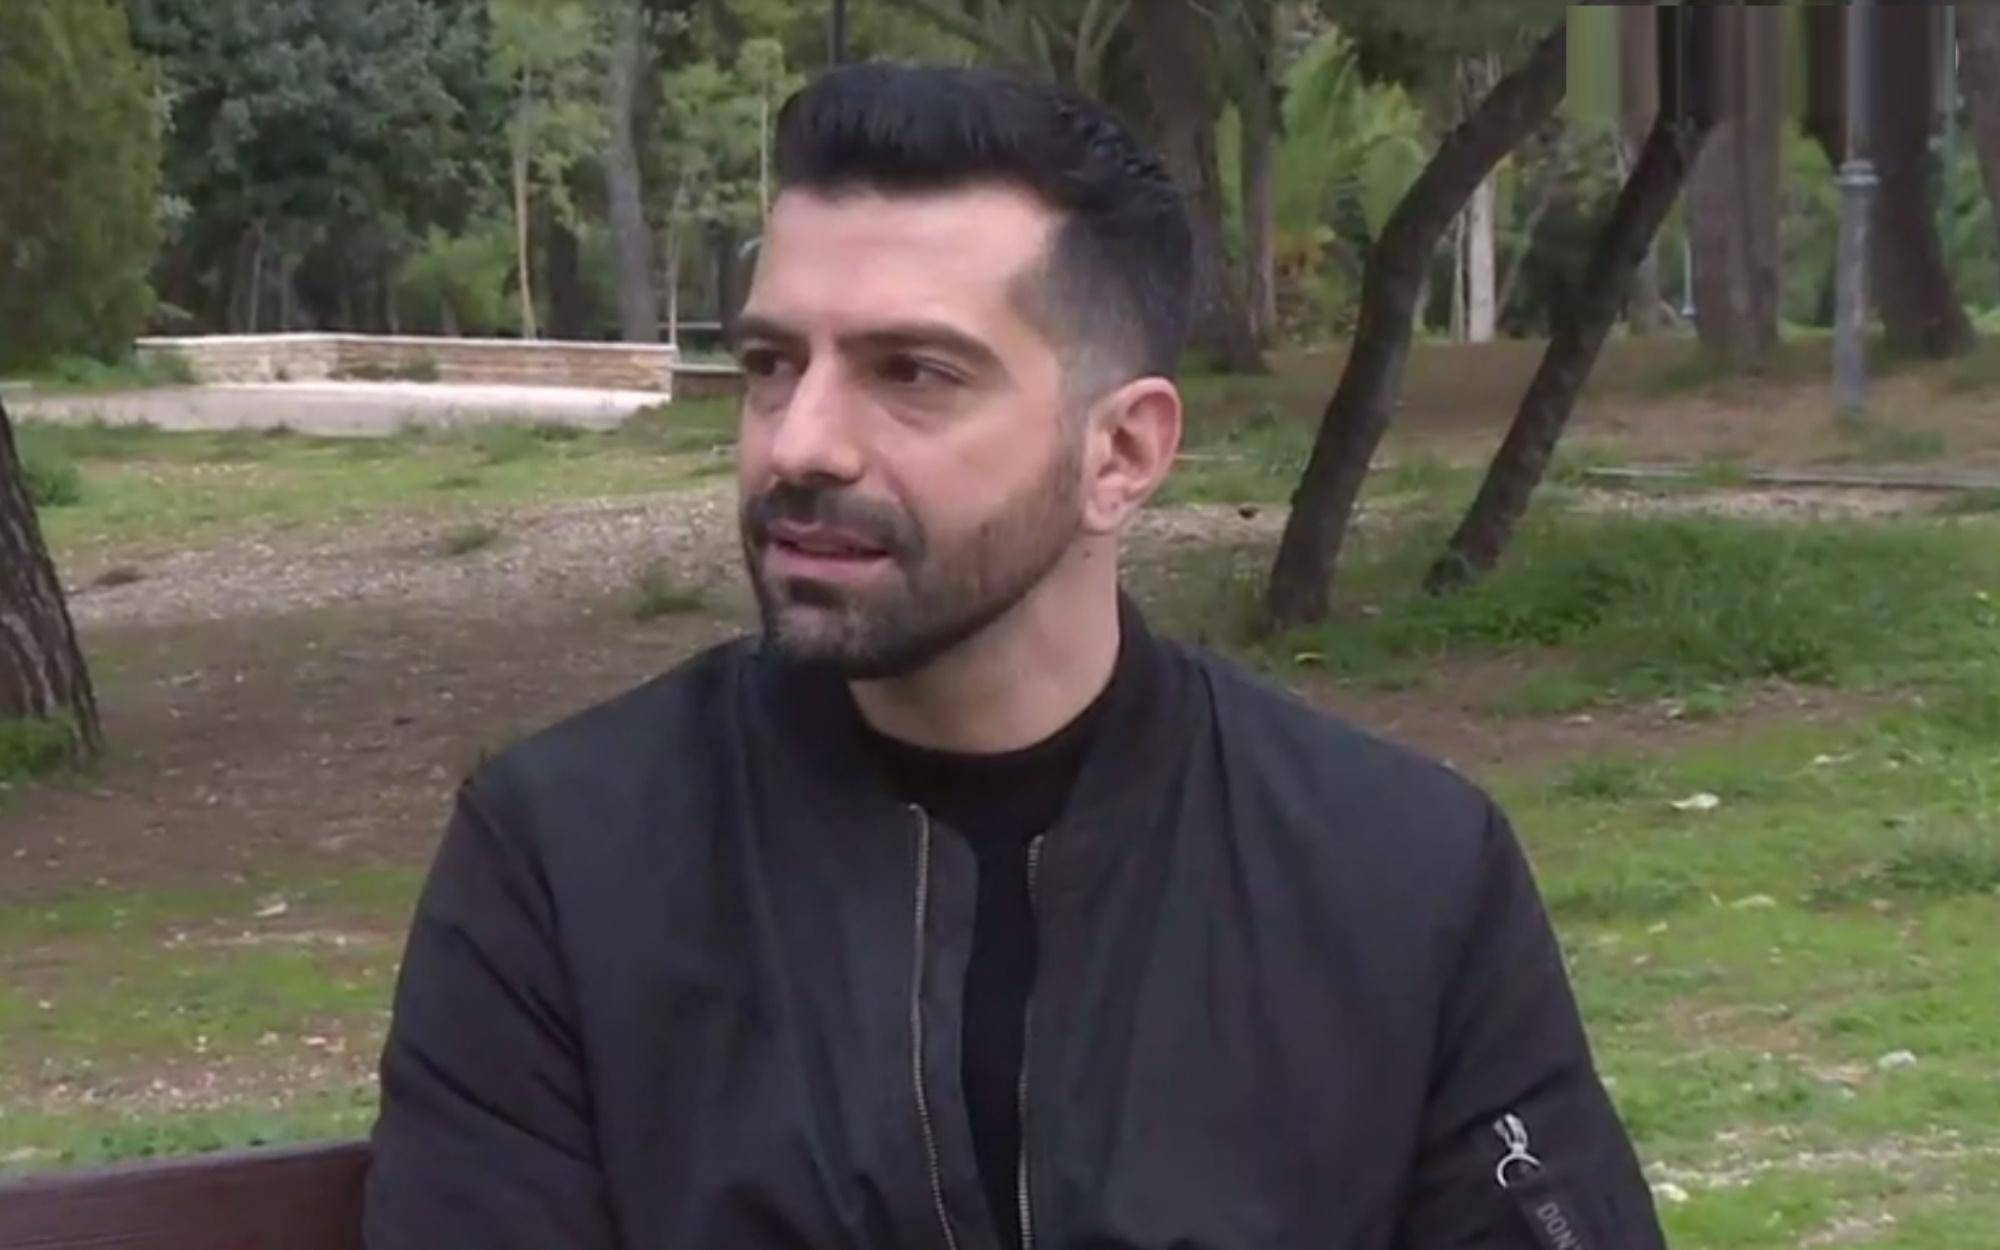 Δημήτρης Τσακάλας: Σε οντισιόν, για έναν ρόλο, πρώτα έπρεπε να πάω σπίτι για… κρασί